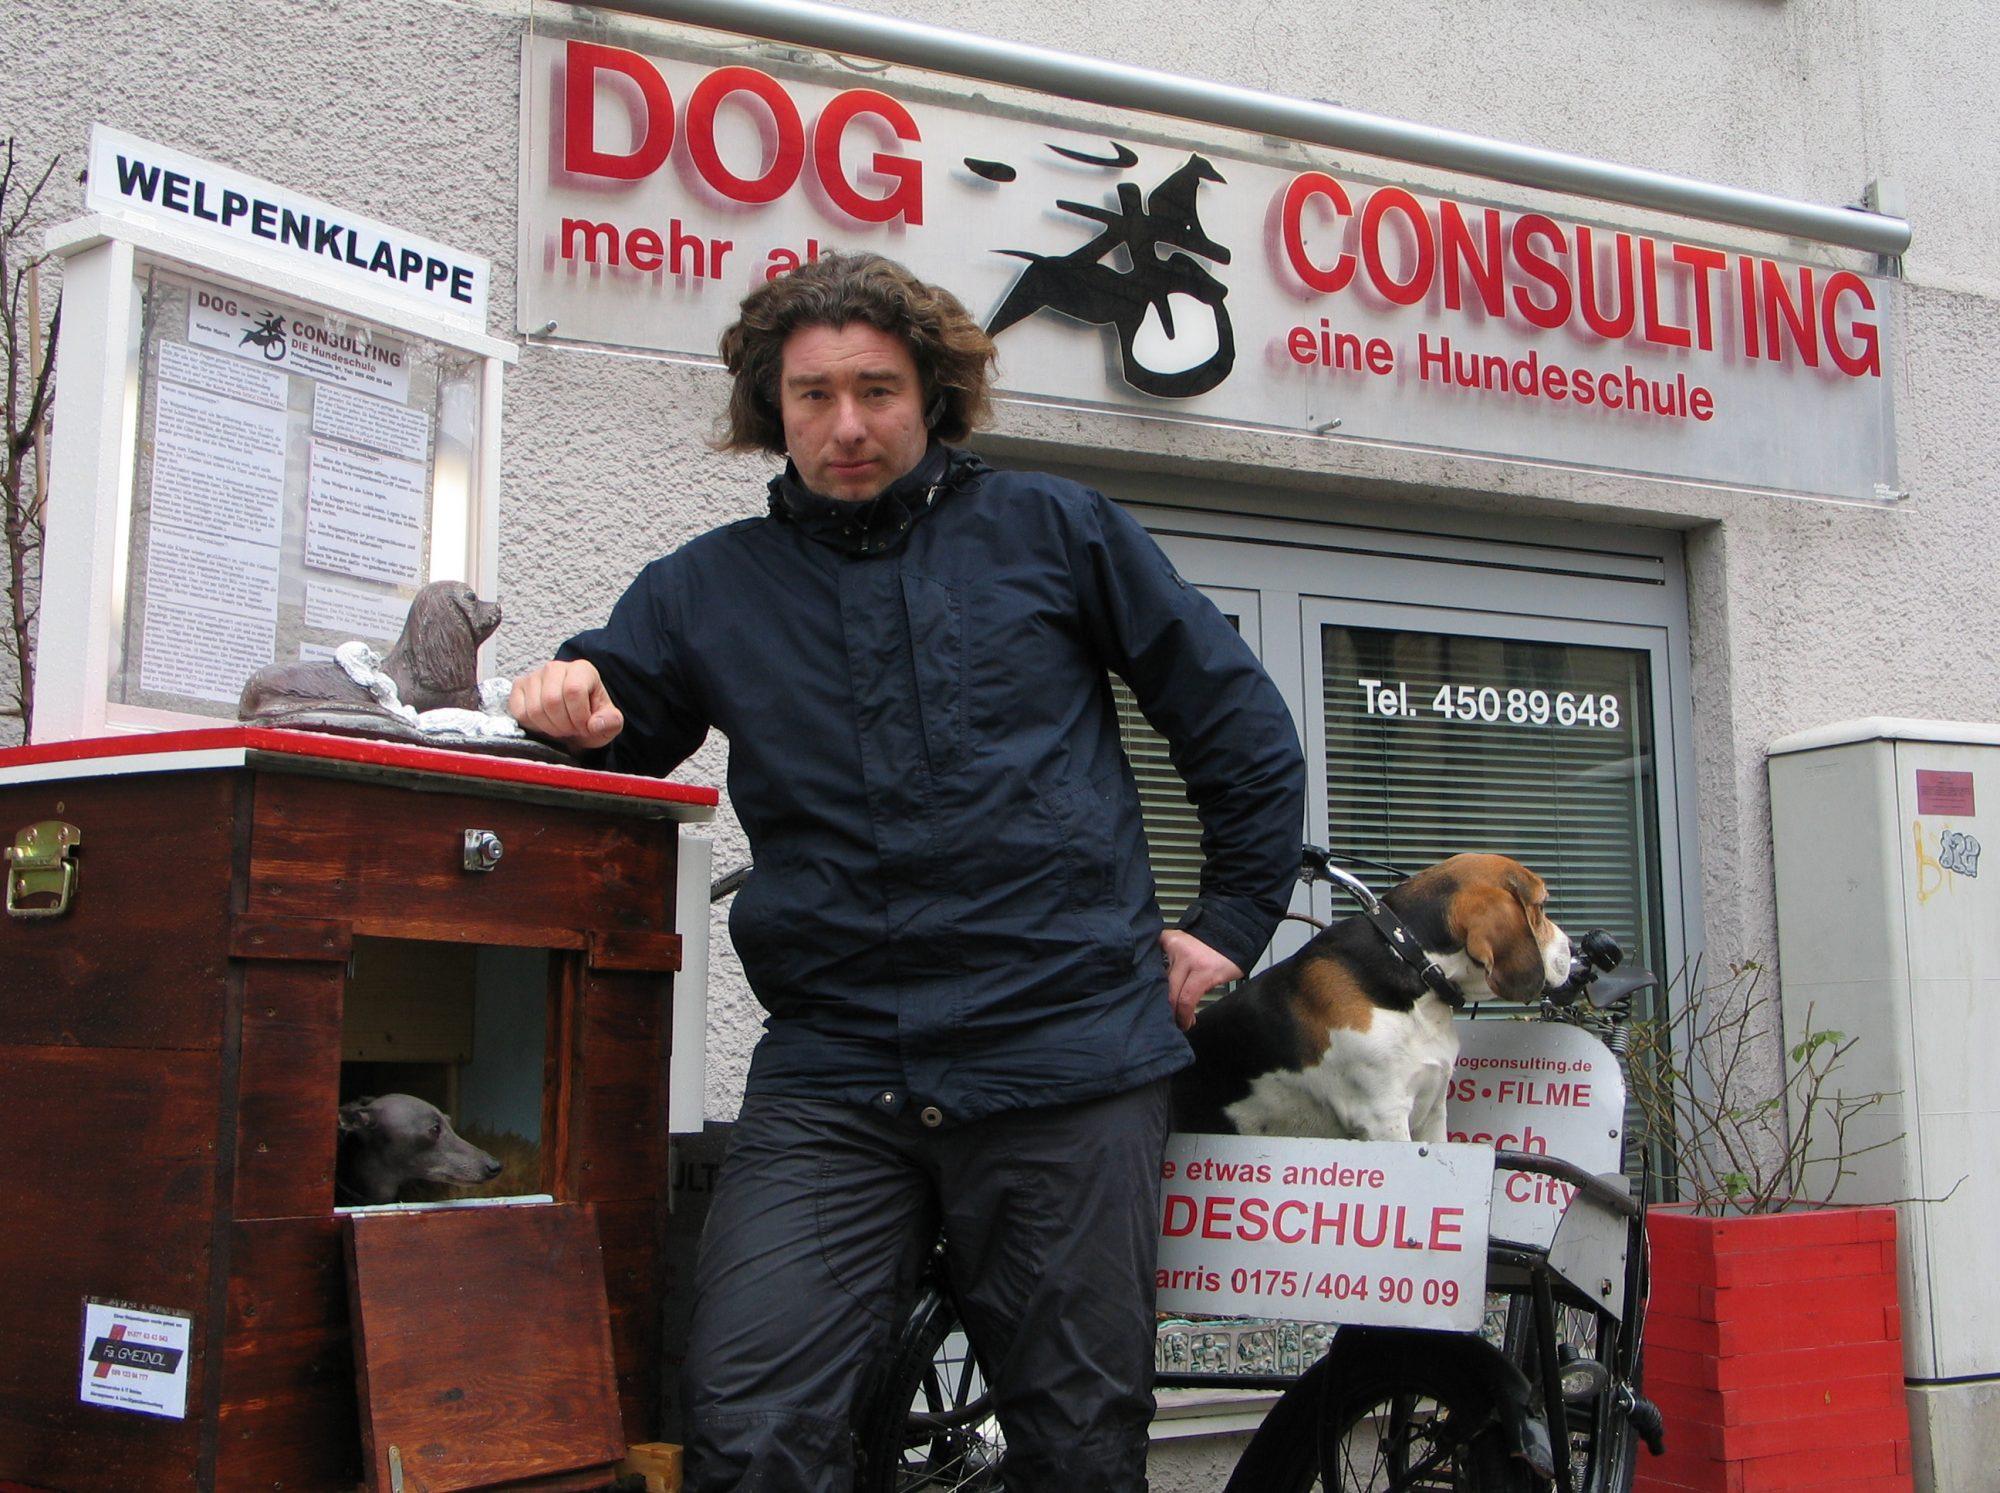 Dogconsulting  eine Hundeschule  & Die Welpenklappe e.V.